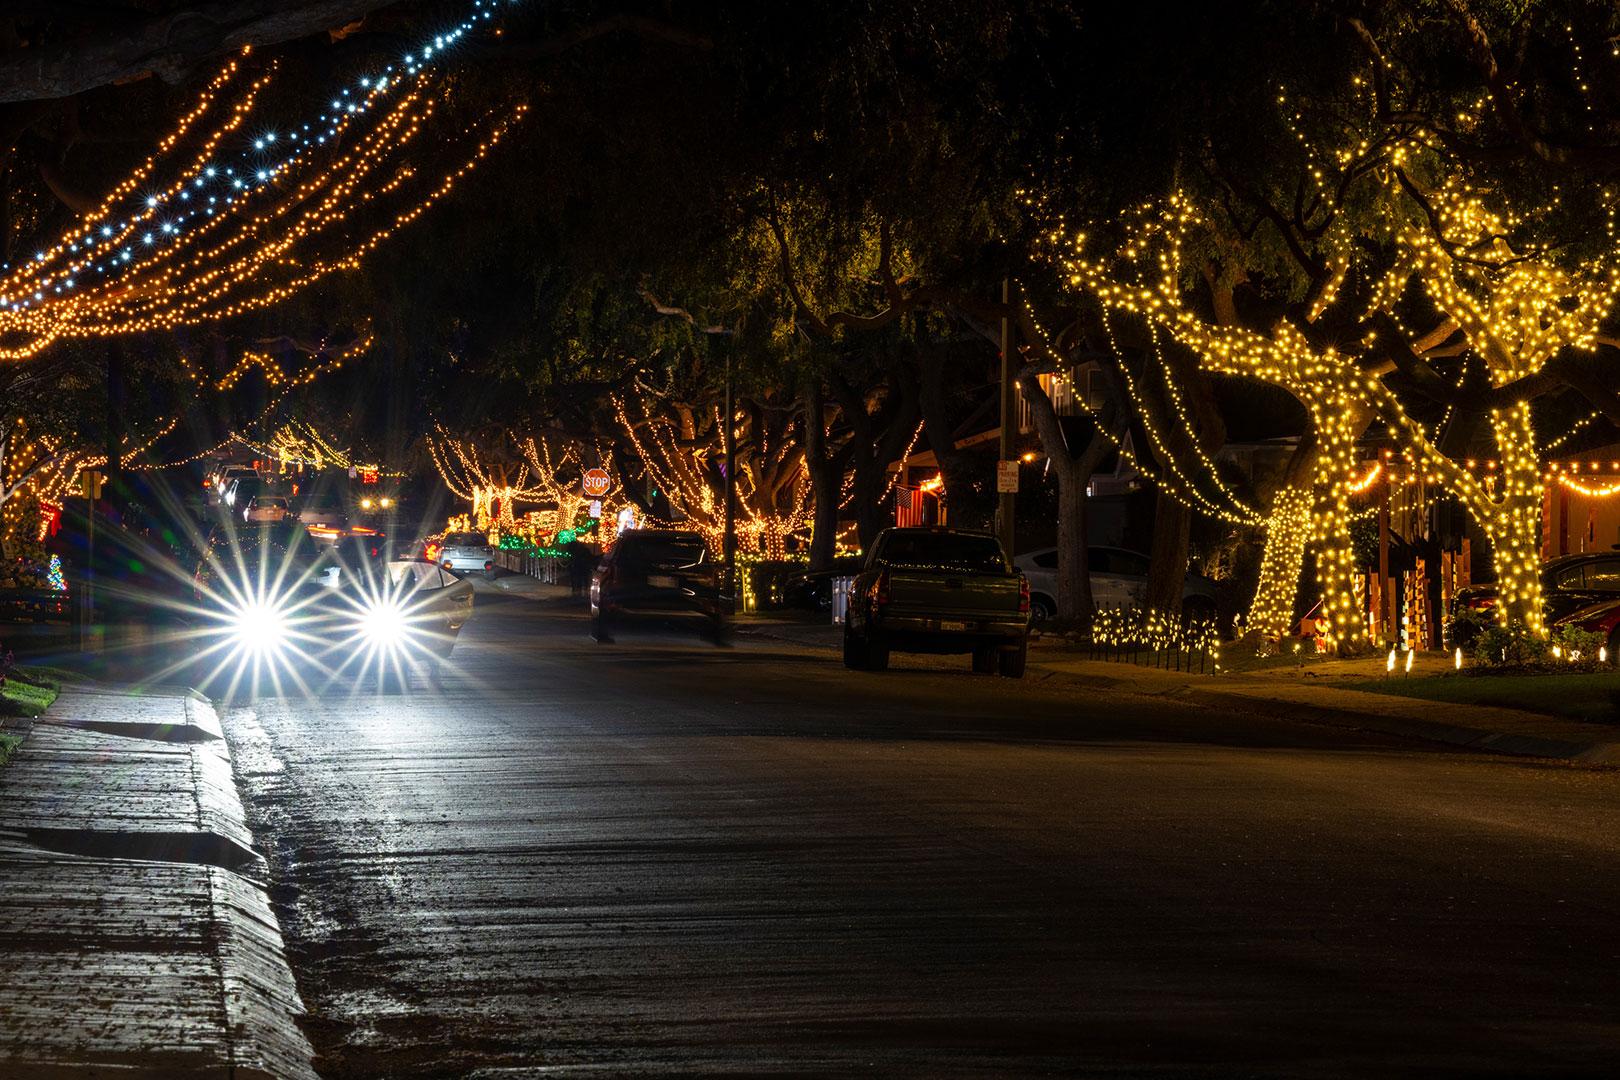 Christmas Lights Example #6